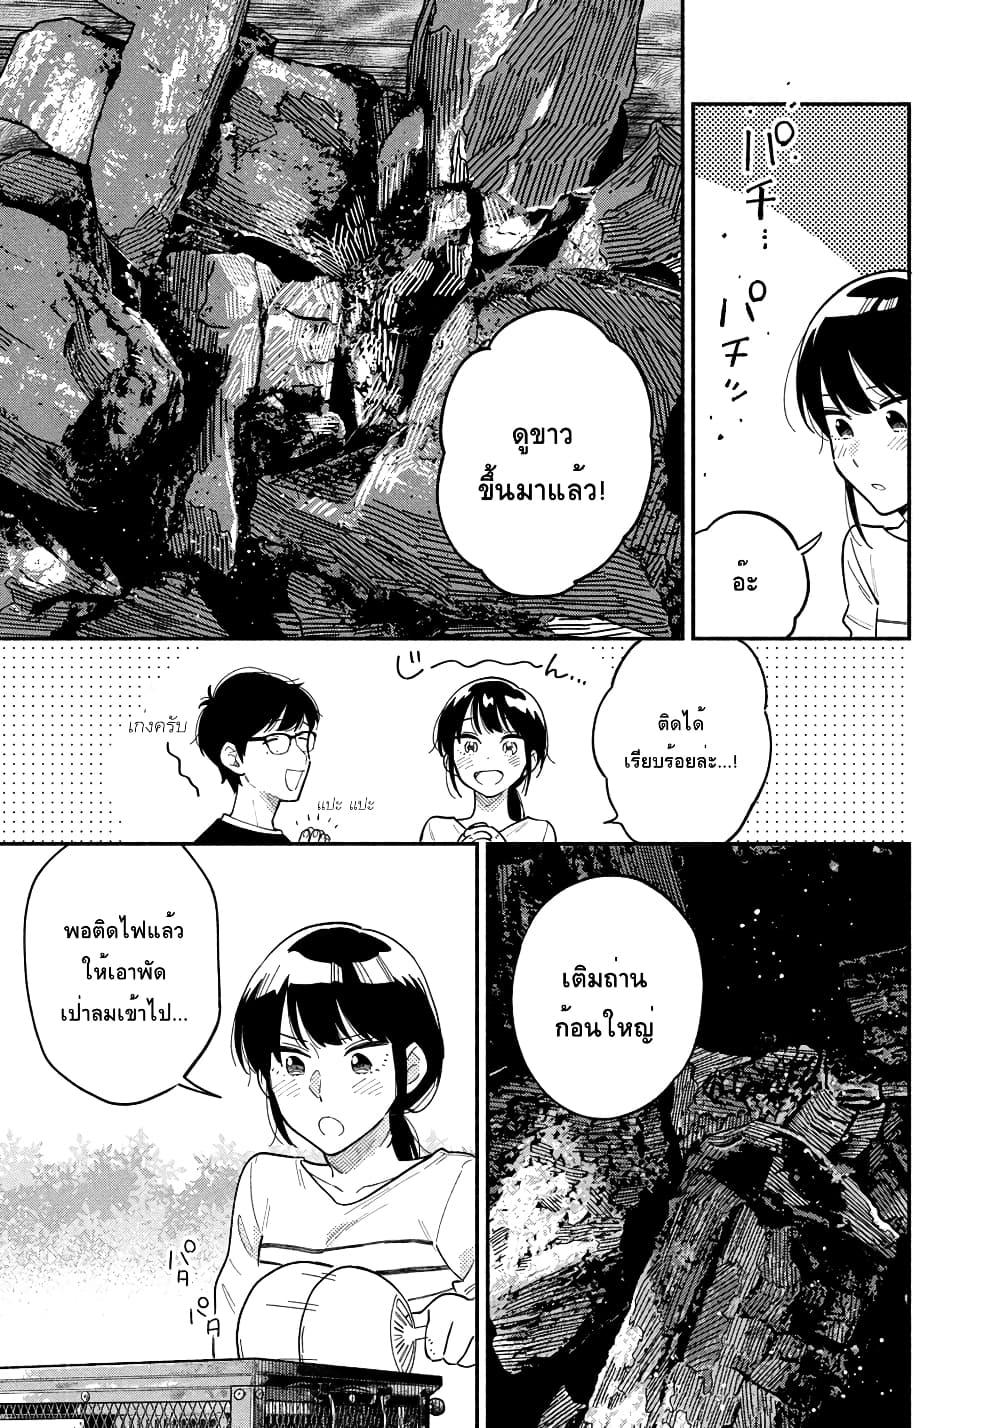 อ่านการ์ตูน Yaiteru Futari ตอนที่ 12 หน้าที่ 9